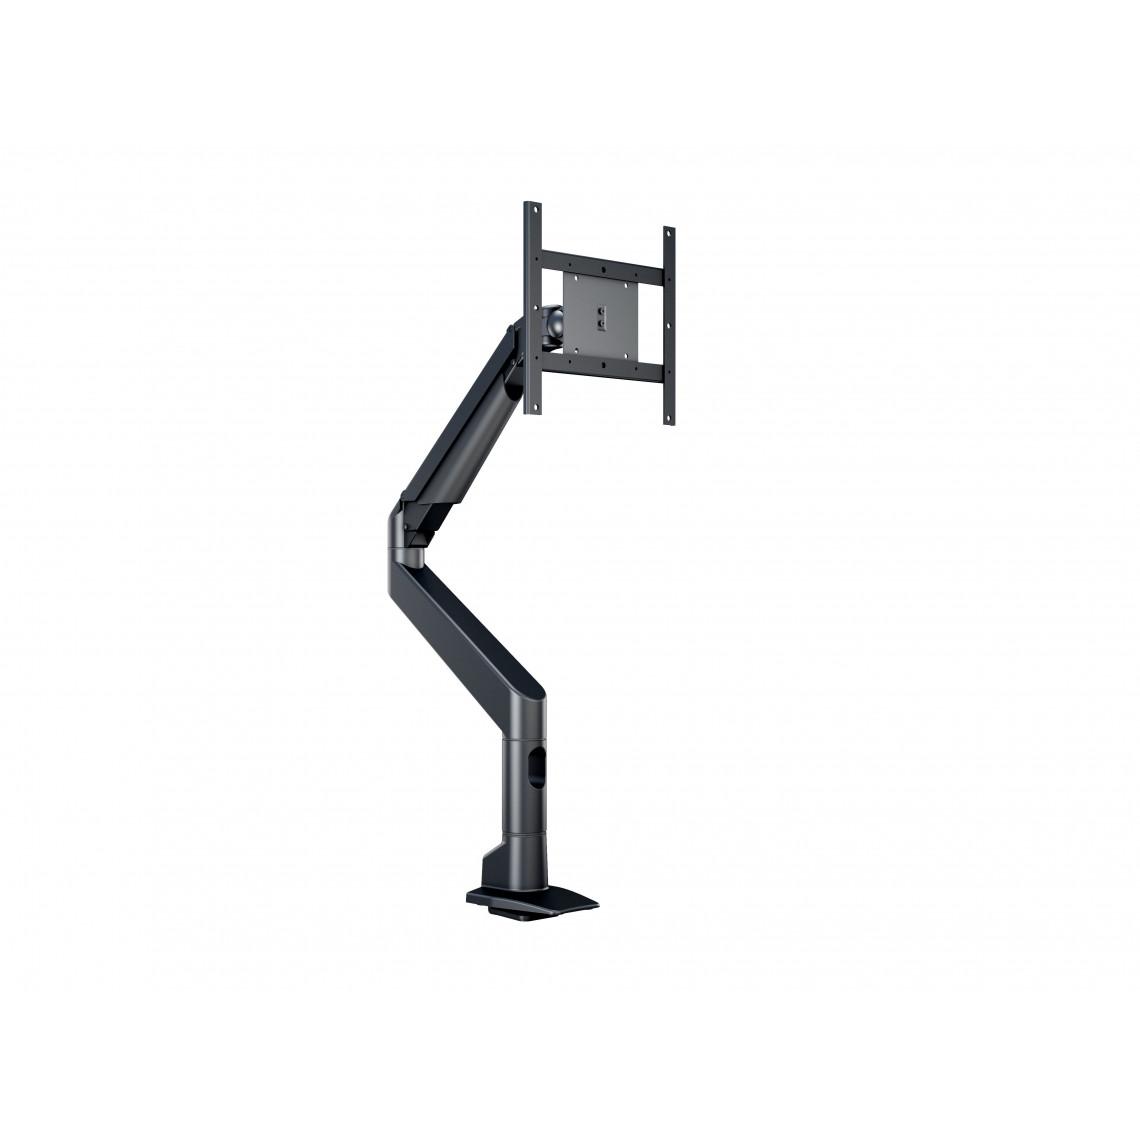 M VESA Gas Lift XL Single Black